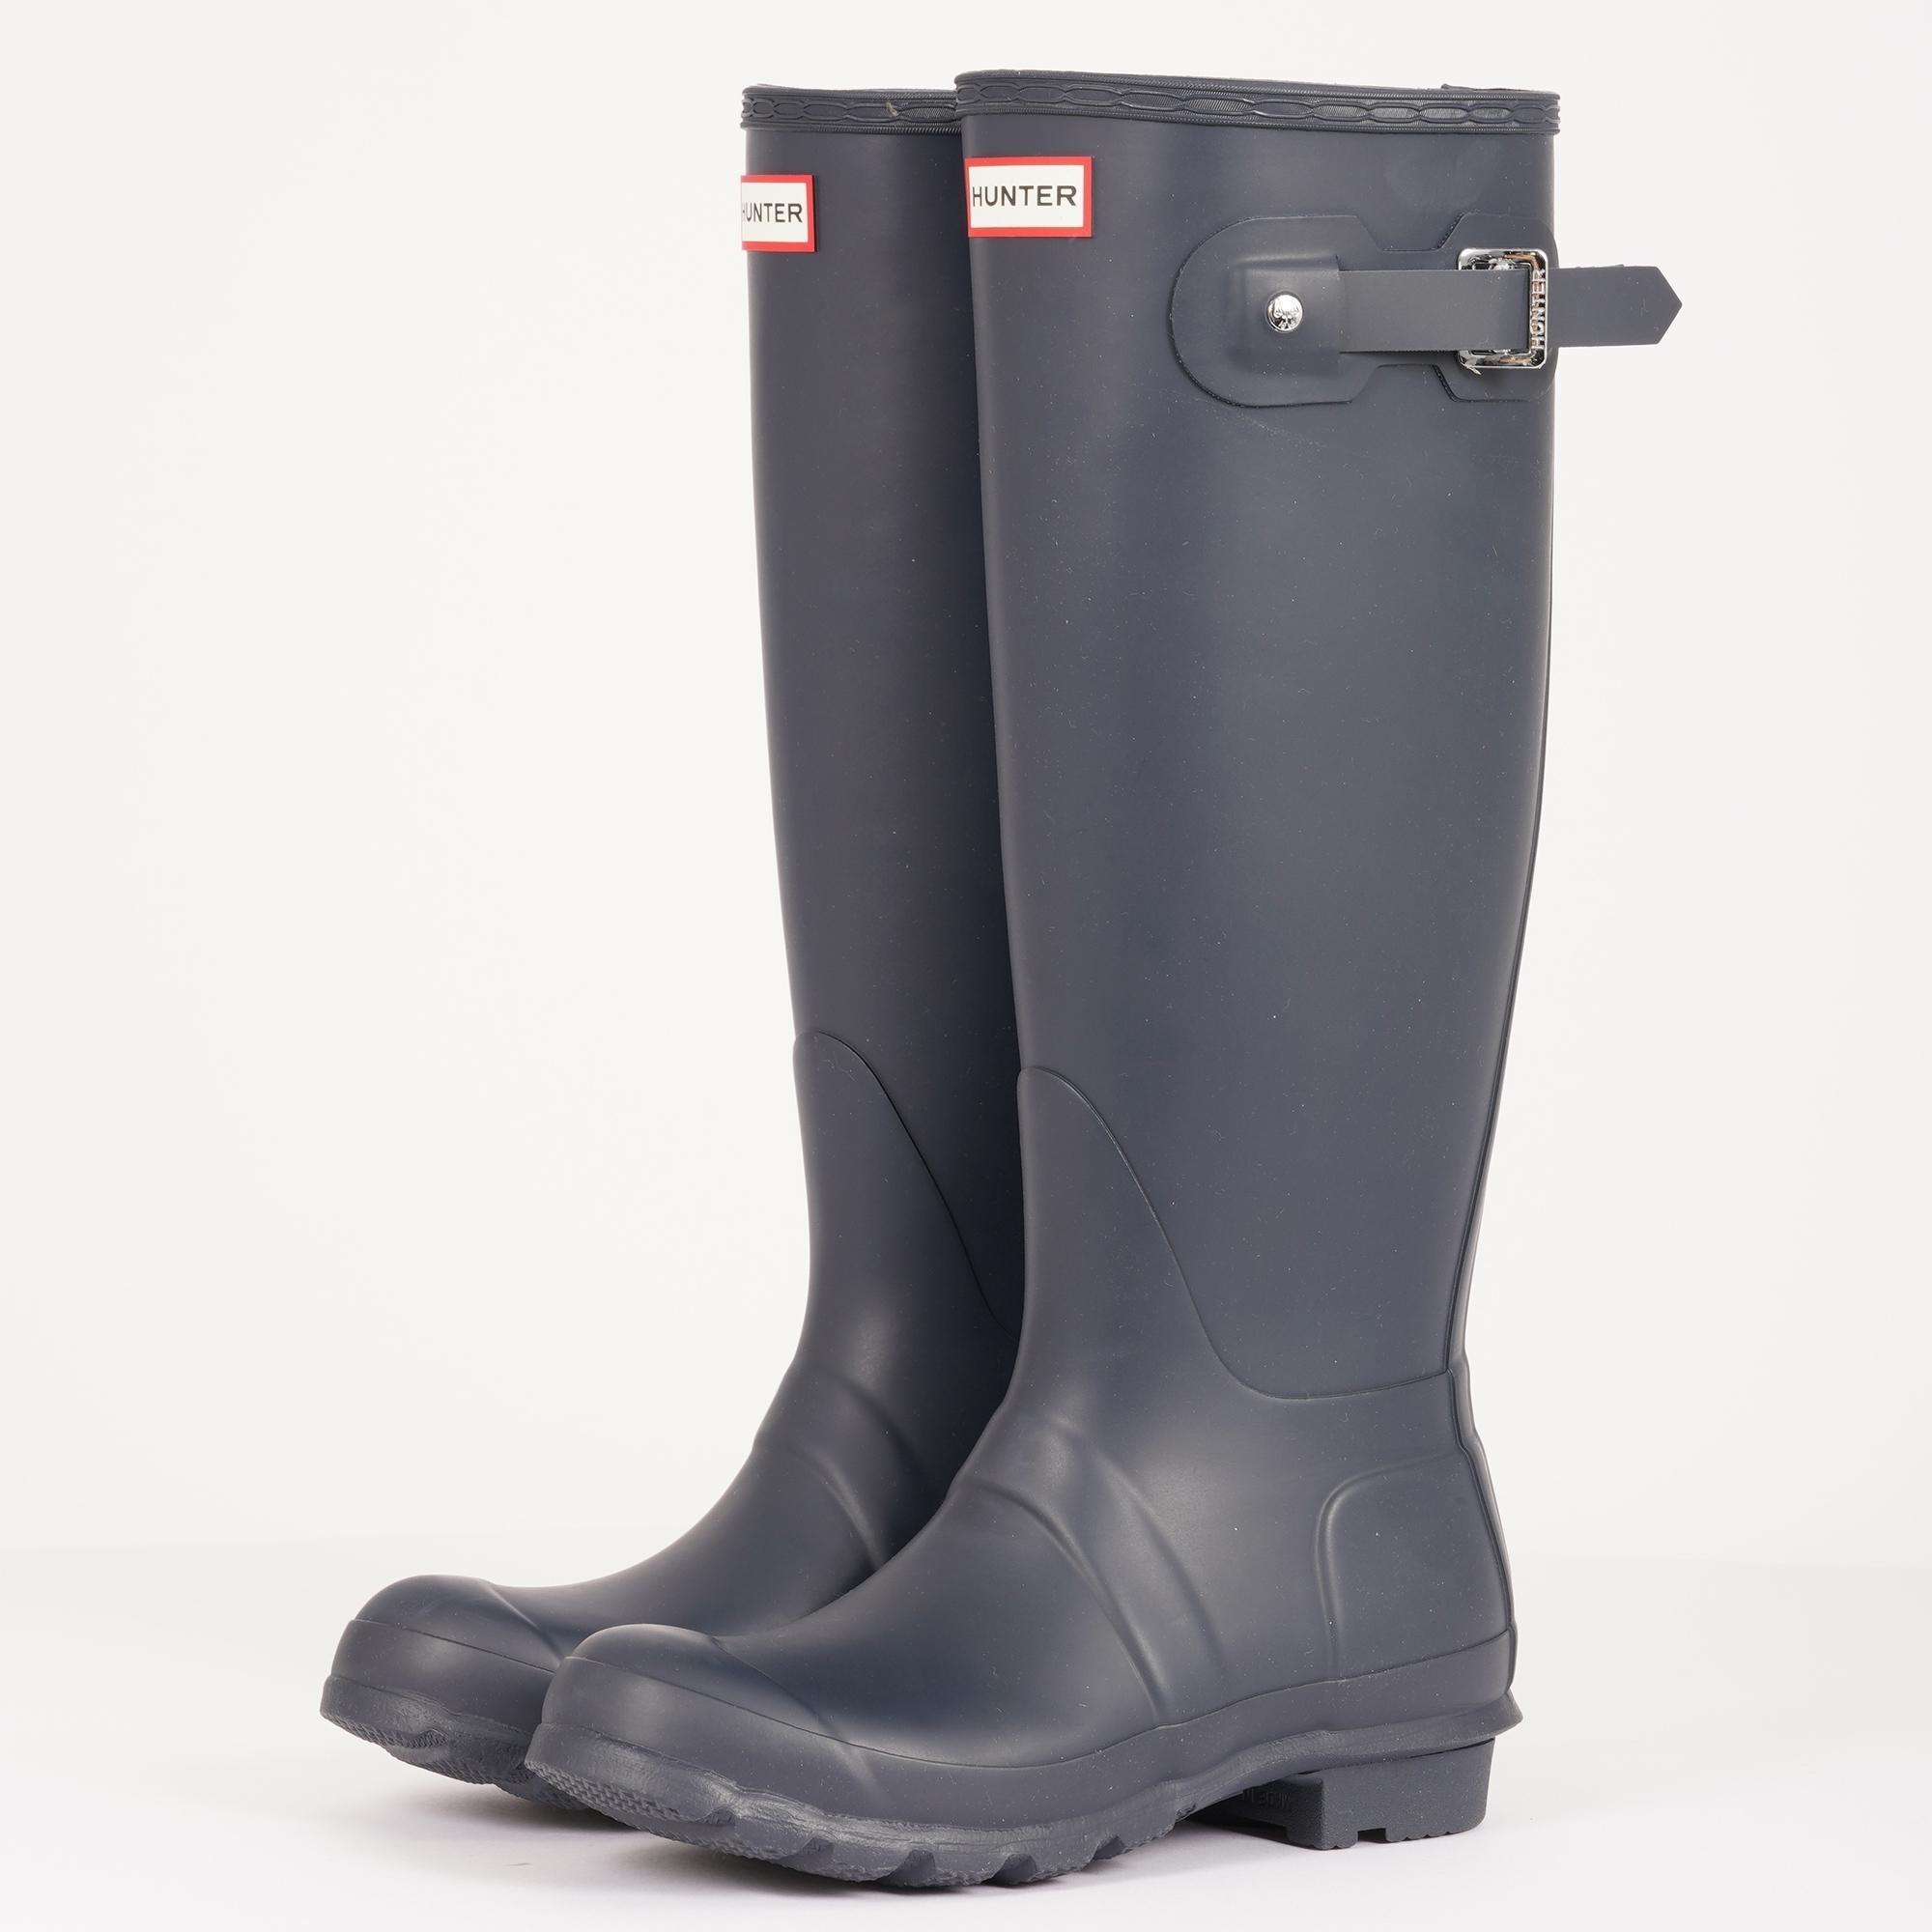 97f09c46cd8 Hunter Womens Original Tall Wellington Boots